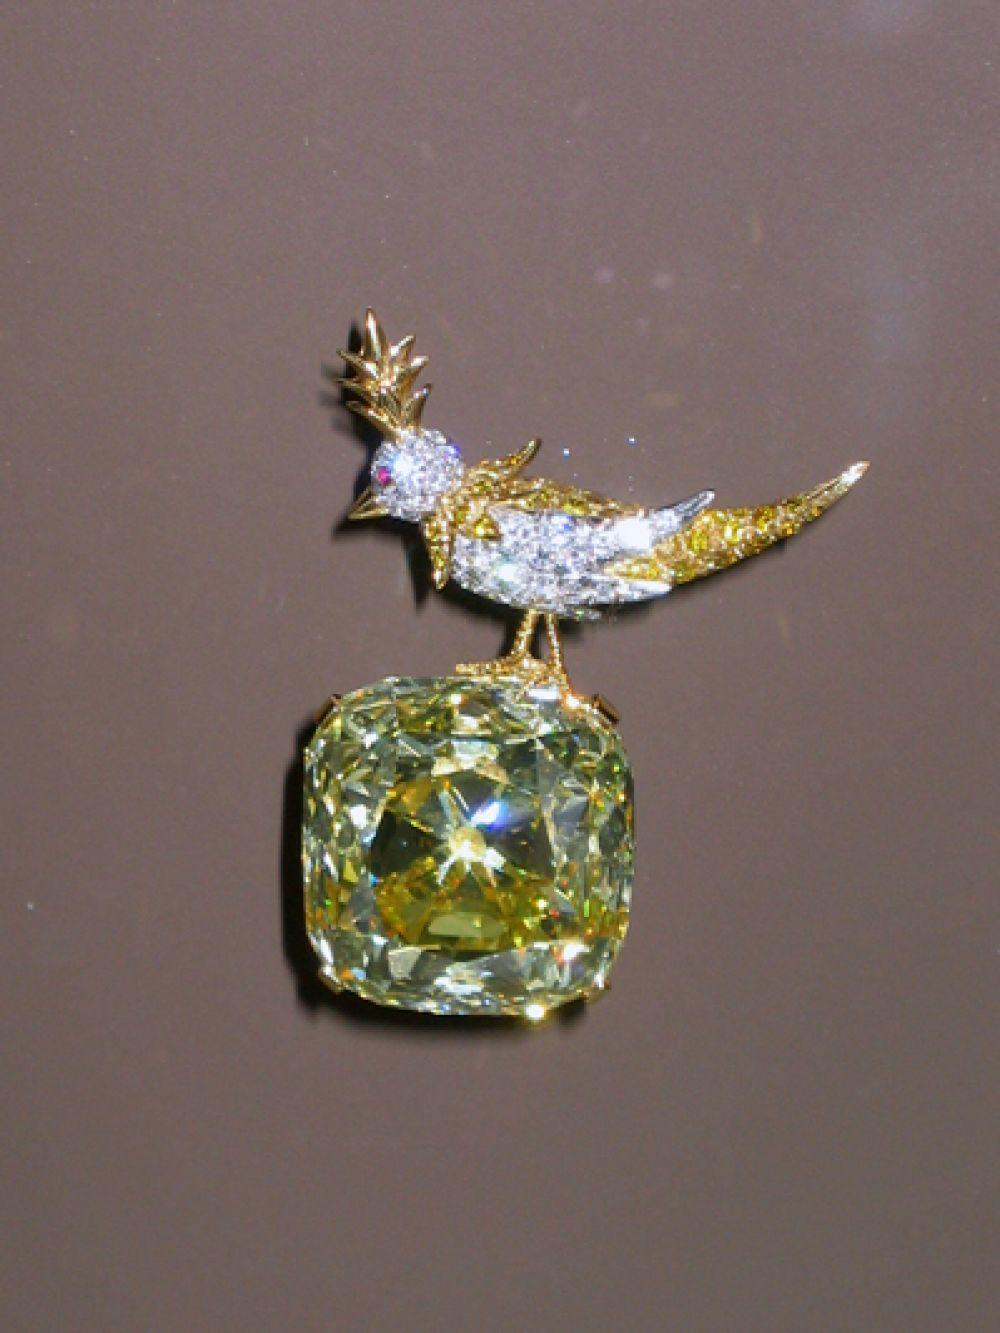 Бриллиант «Тиффани» — знаменитый камень, найденный на руднике «Кимберли» в ЮАР в 1877 году. Исходная масса — 287 карат. В 1960 году на основе камня ювелиром Жаном Мишель Шлюмберже была создана брошь «Птица на камне», но в 2012 году птицу отделили от бриллианта. С тех пор ювелирное изделие располагается в фирменном магазине «Тиффани» на Пятой авеню в Нью-Йорке.